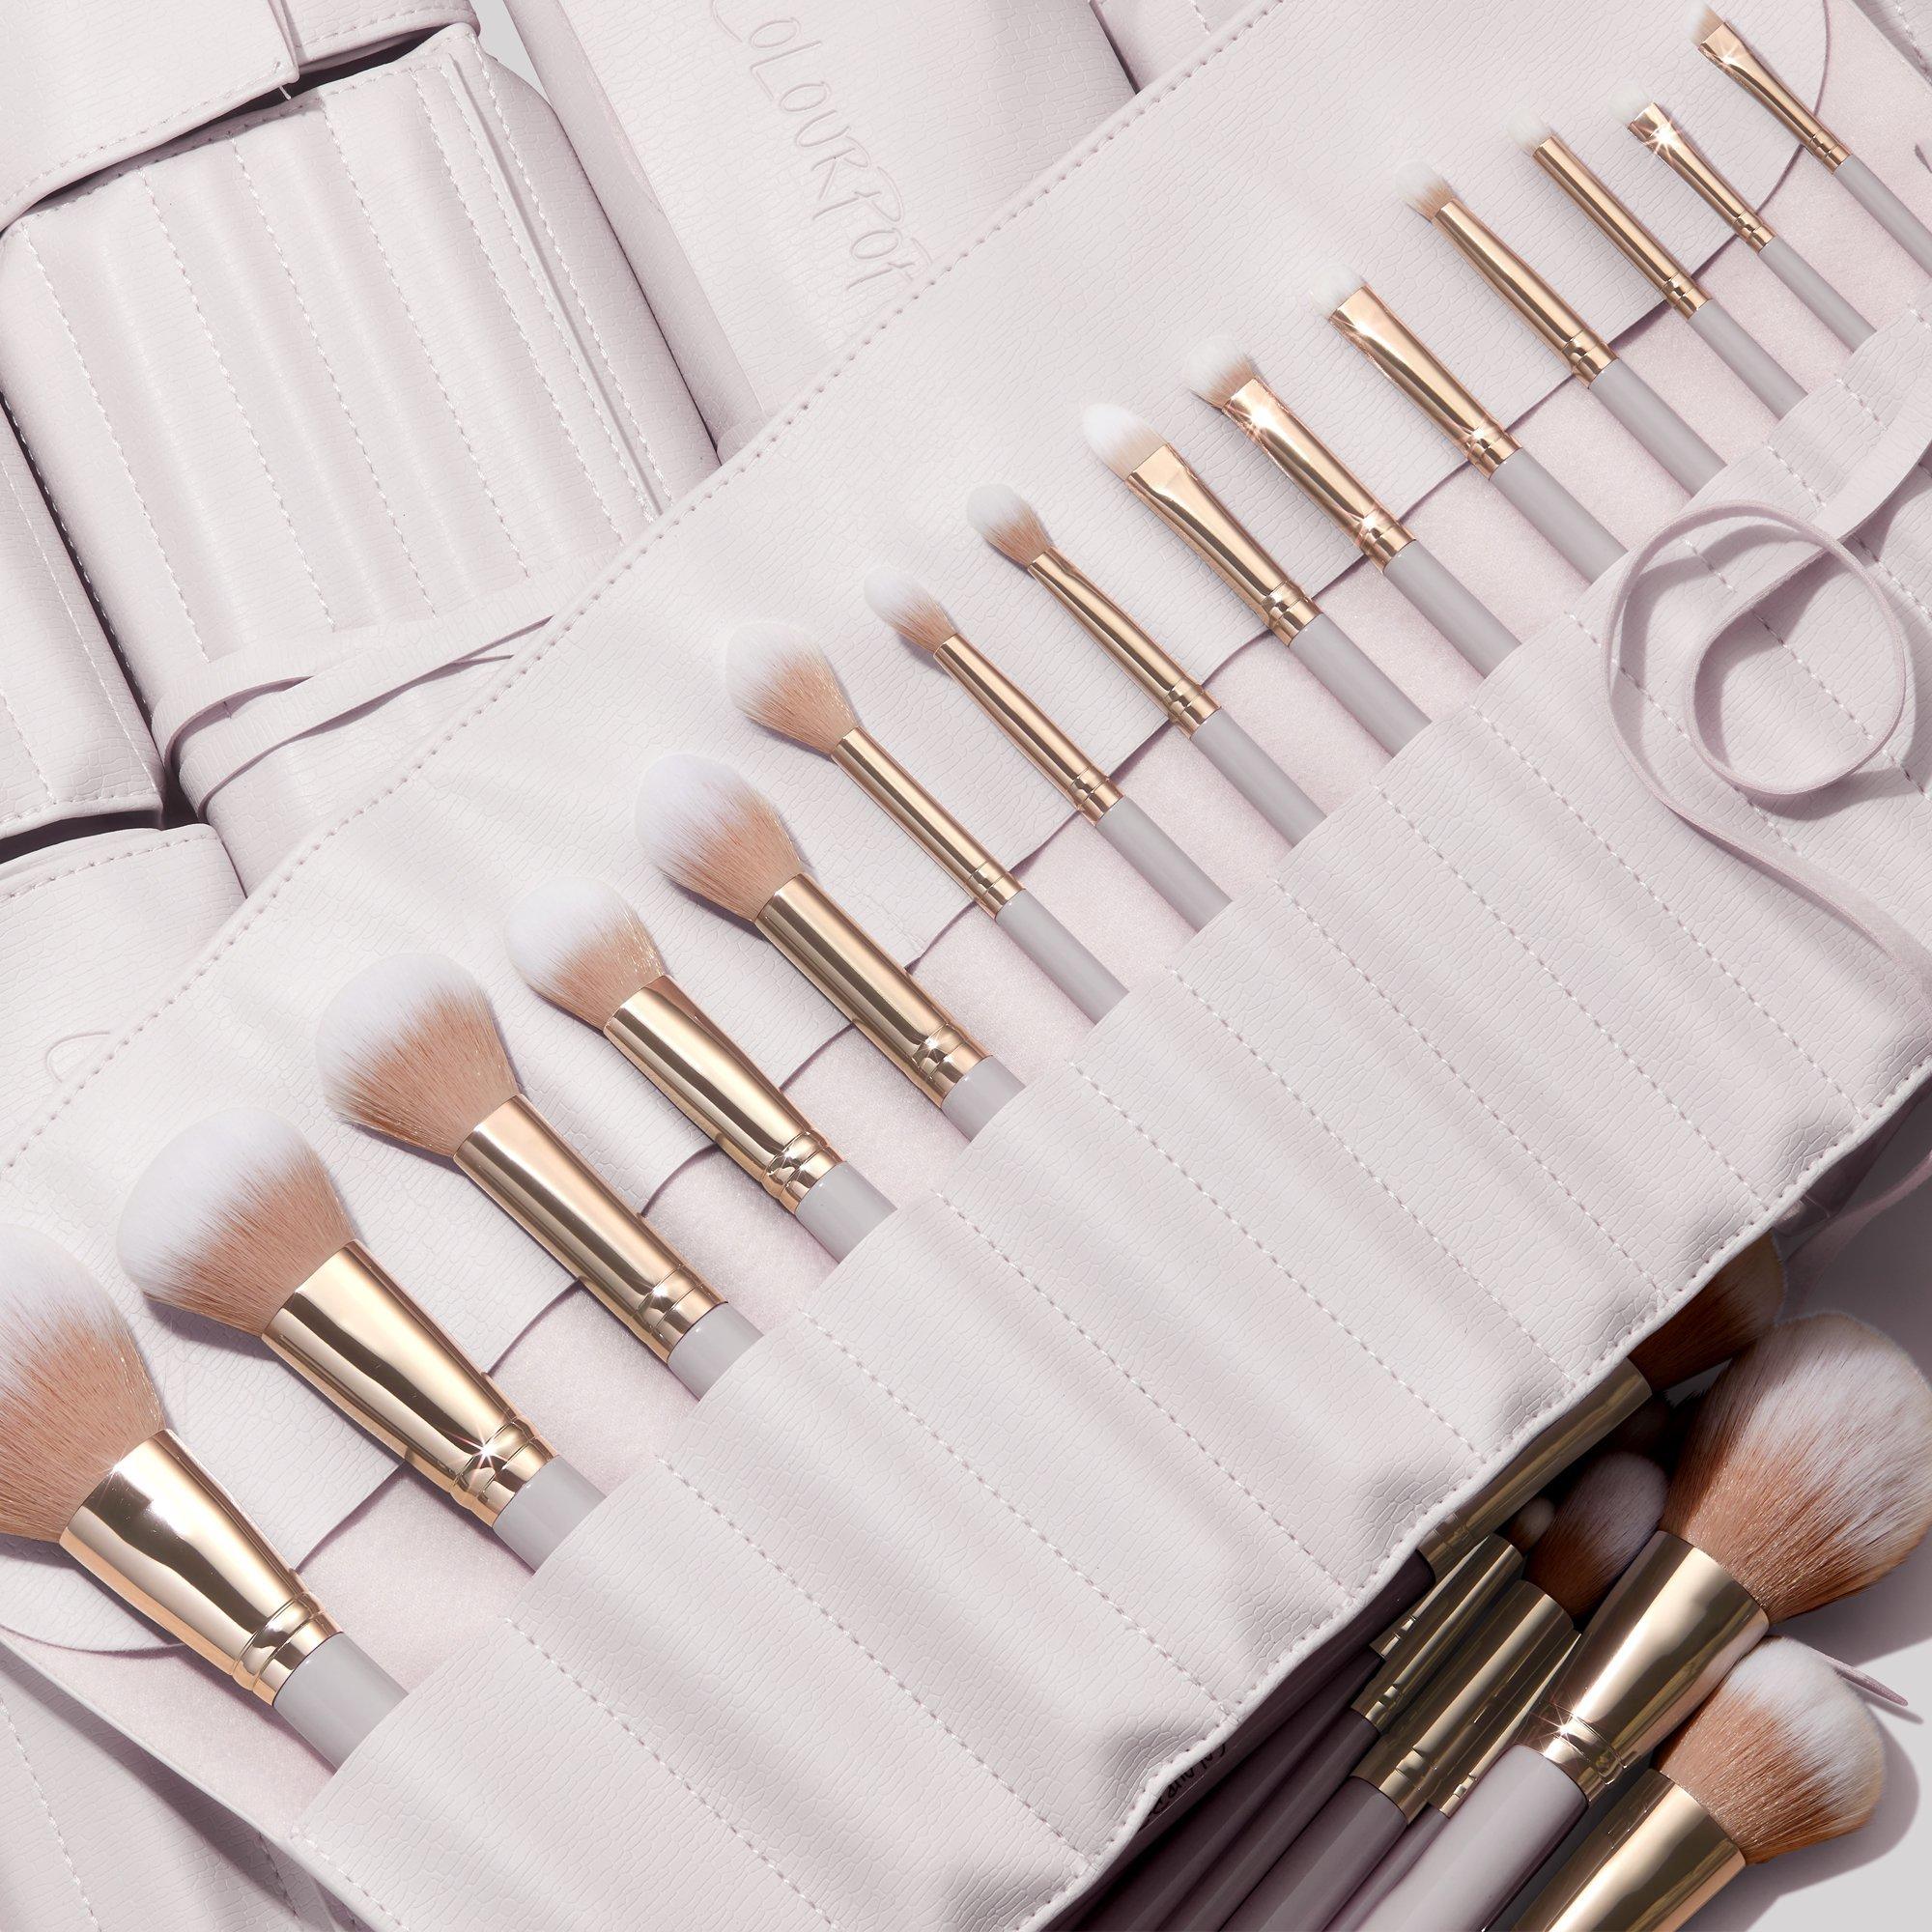 ColourPop Stone Cold makeup brush kit